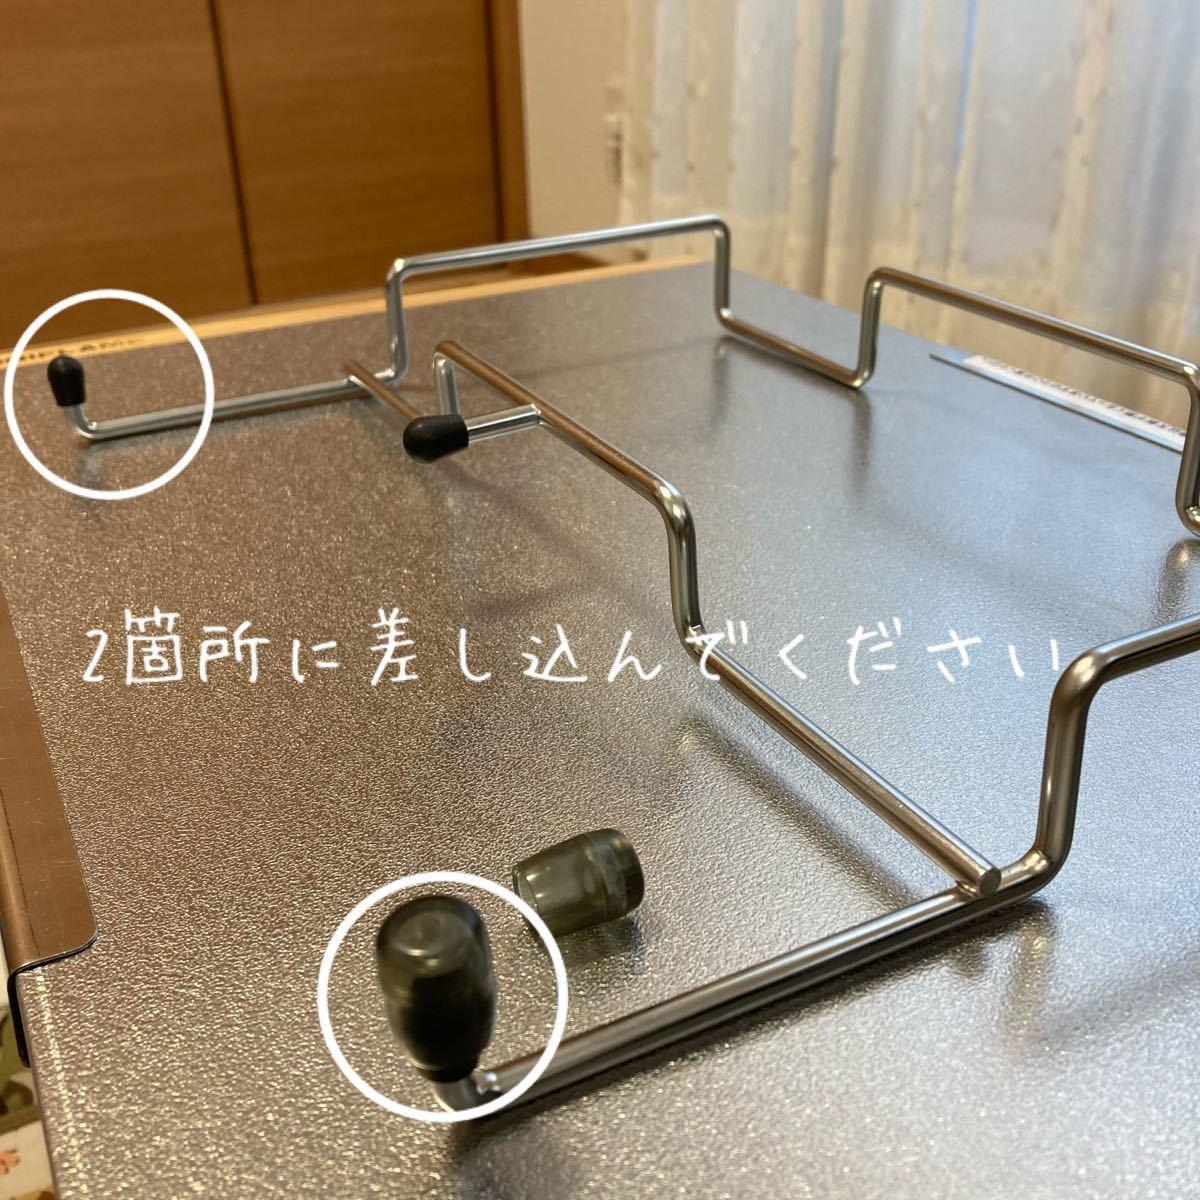 4点セット ブラック ユニフレーム 焚き火テーブル用 ガビングフレーム カバー スノーピーク マルチファンクションテーブル用